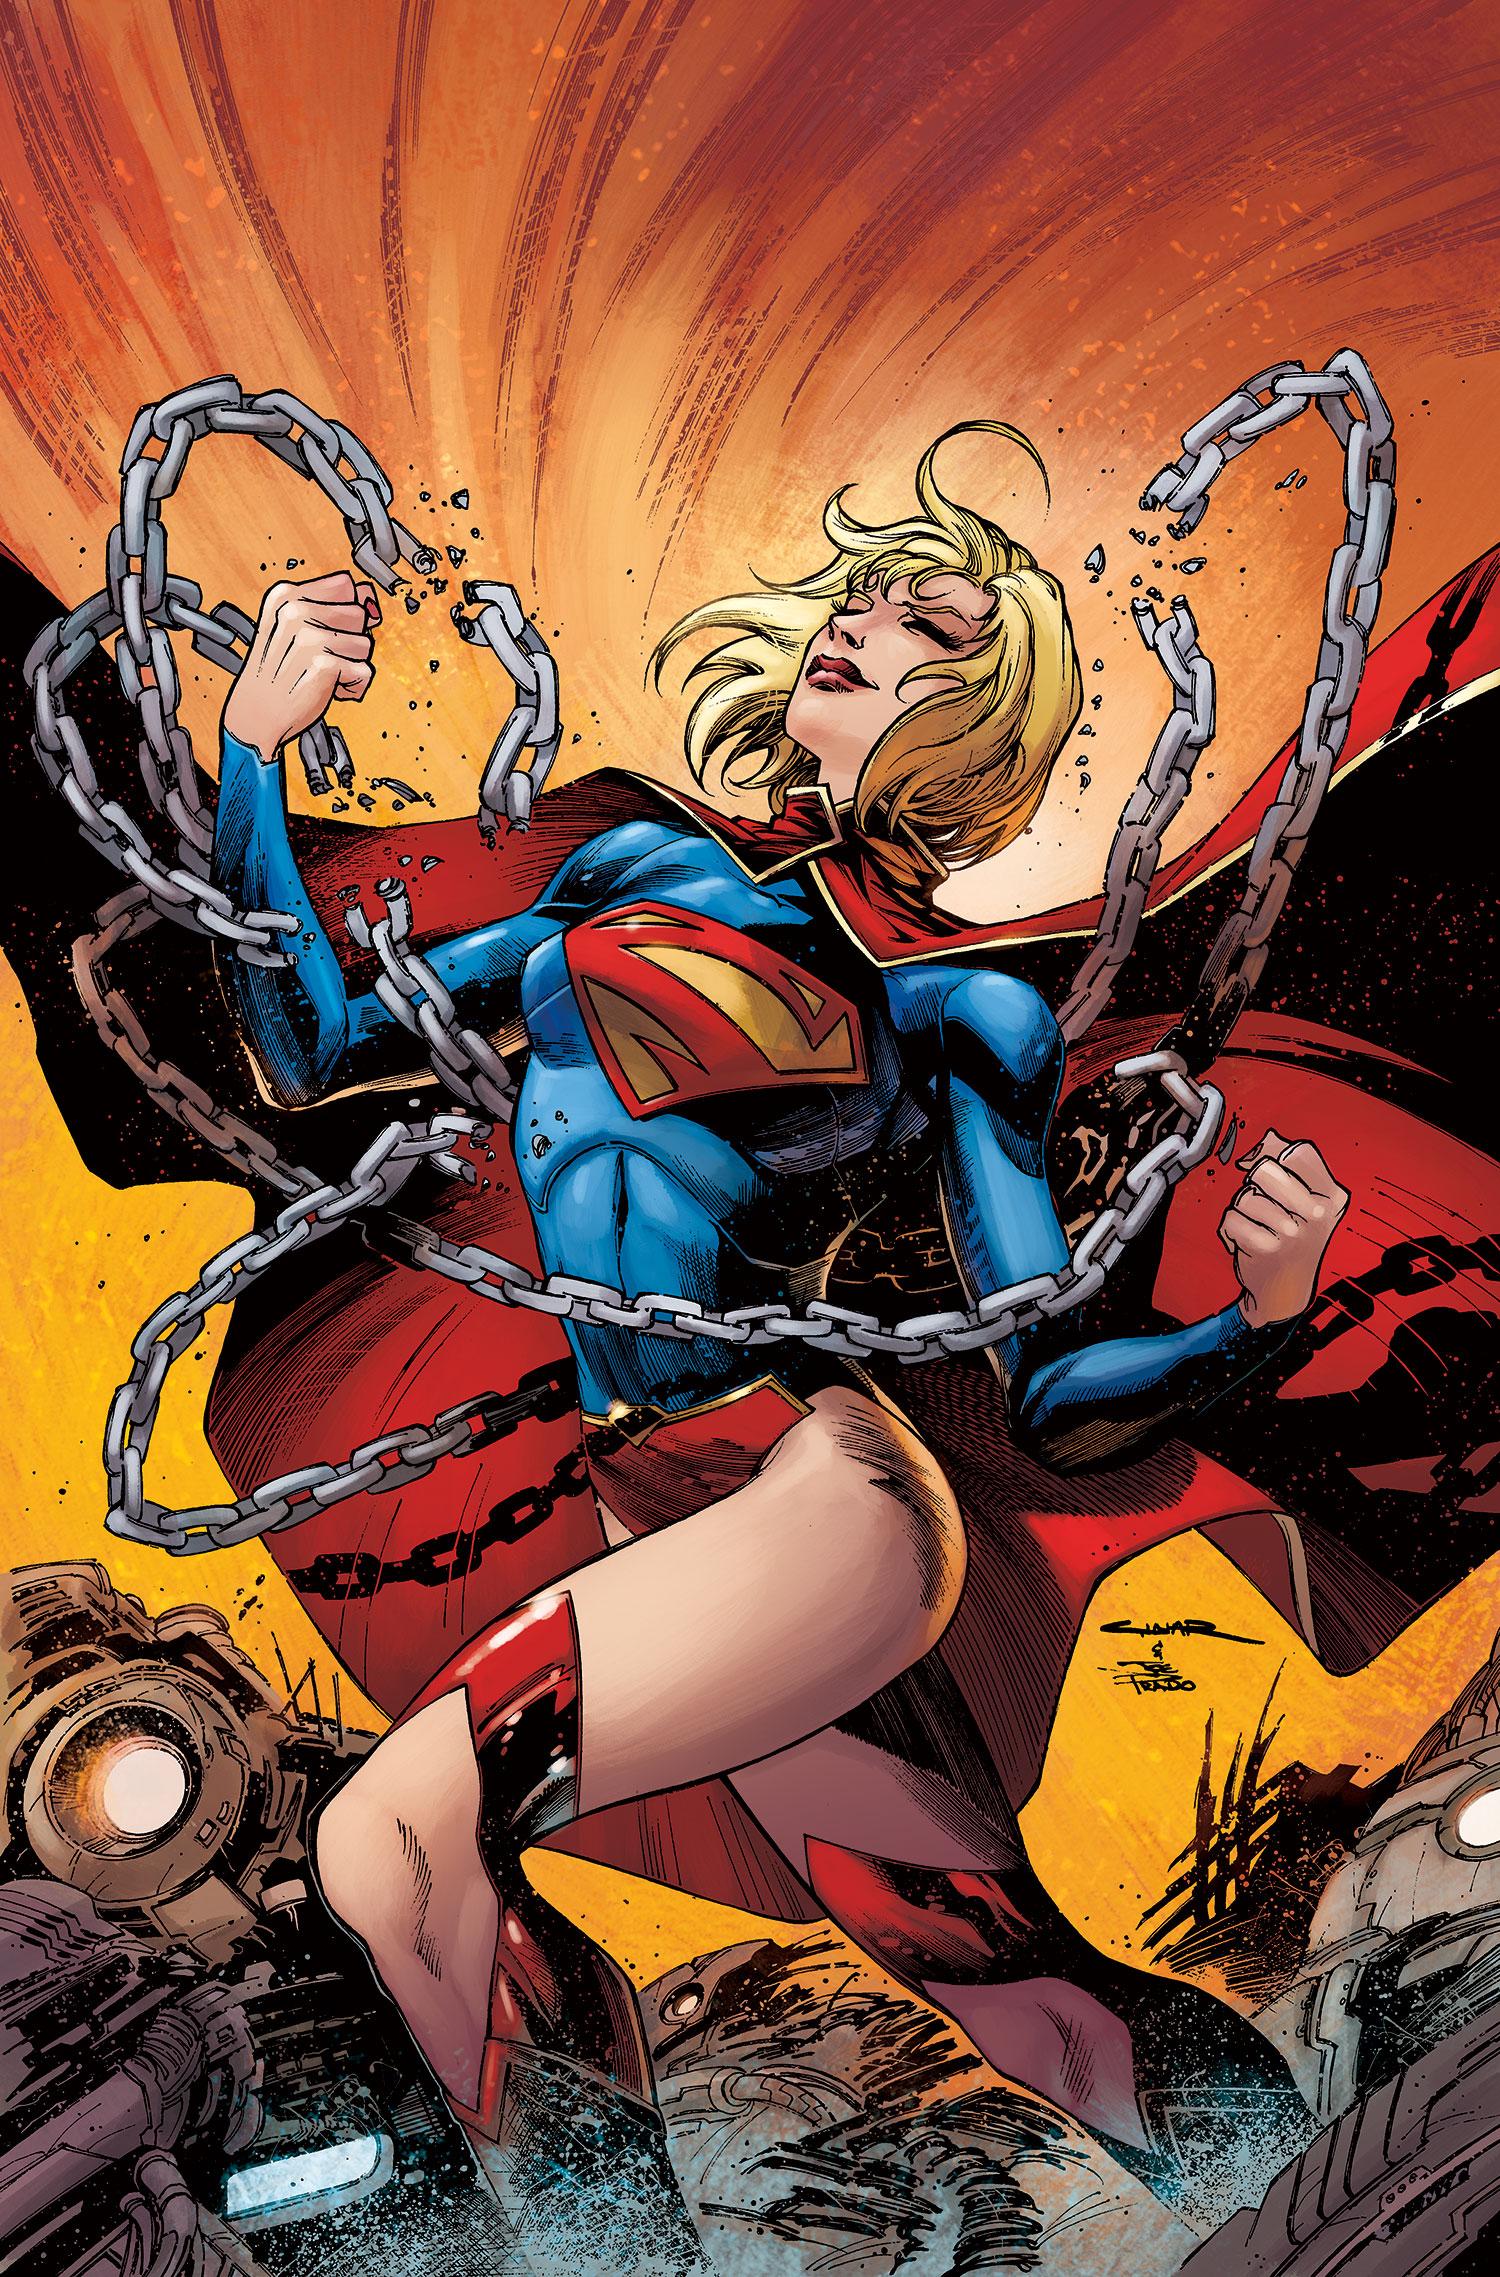 Supergirl Vol 6 37 Sollicit.jpg